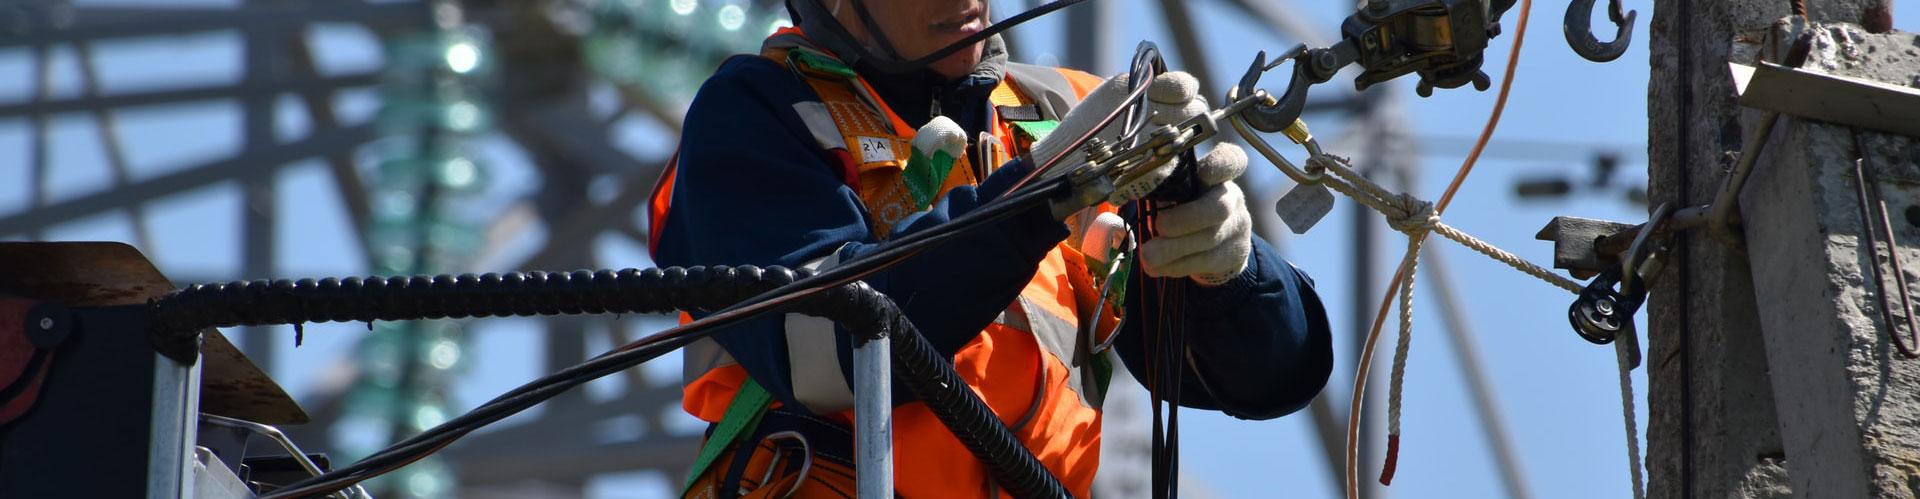 Bedrijfsongeval monteur op bouwplaats | LetselPro